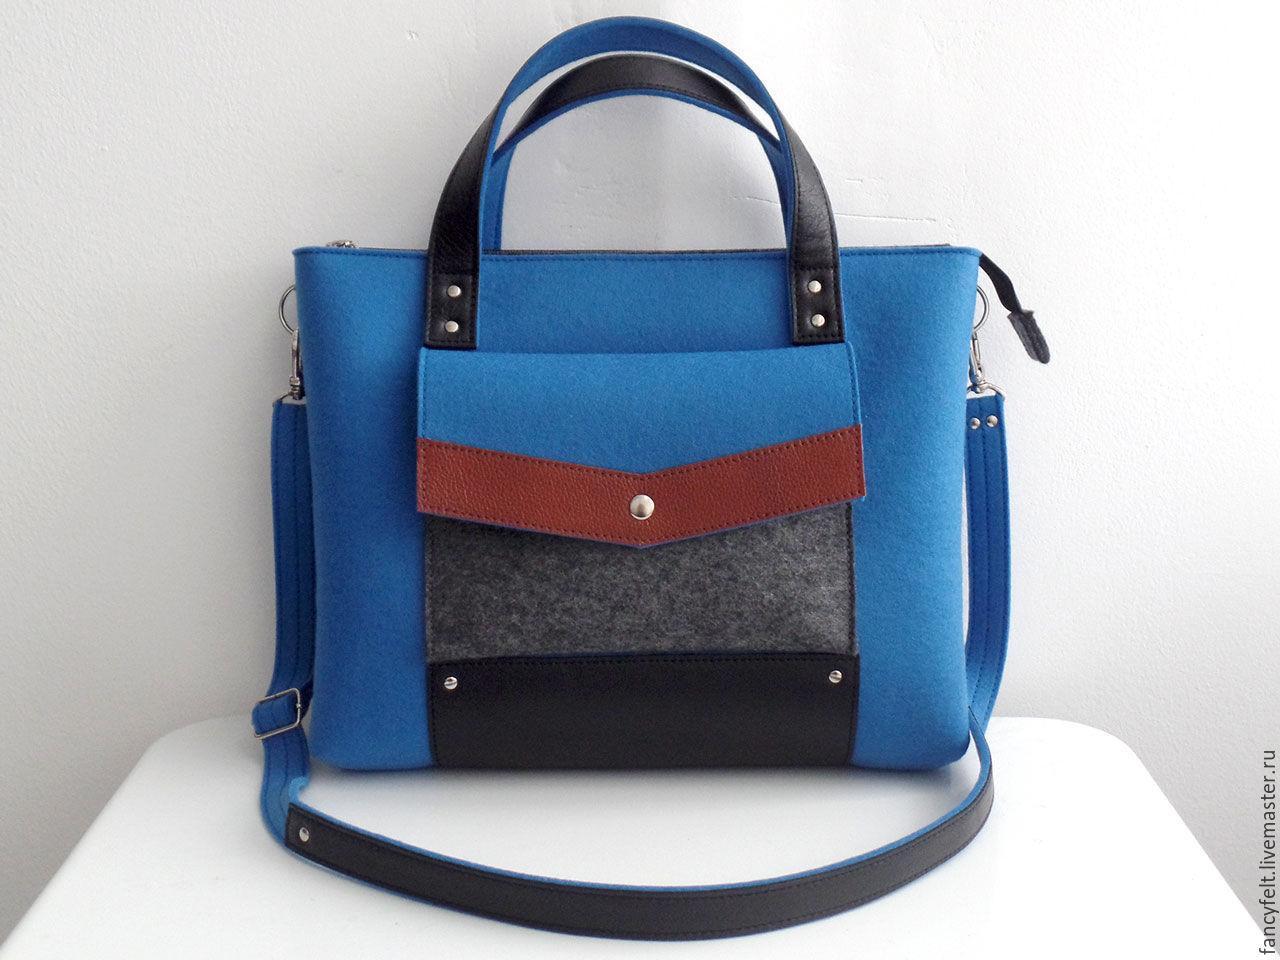 de29d71bc827 Женские сумки ручной работы. Ярмарка Мастеров - ручная работа. Купить  Светло-синяя сумка ...